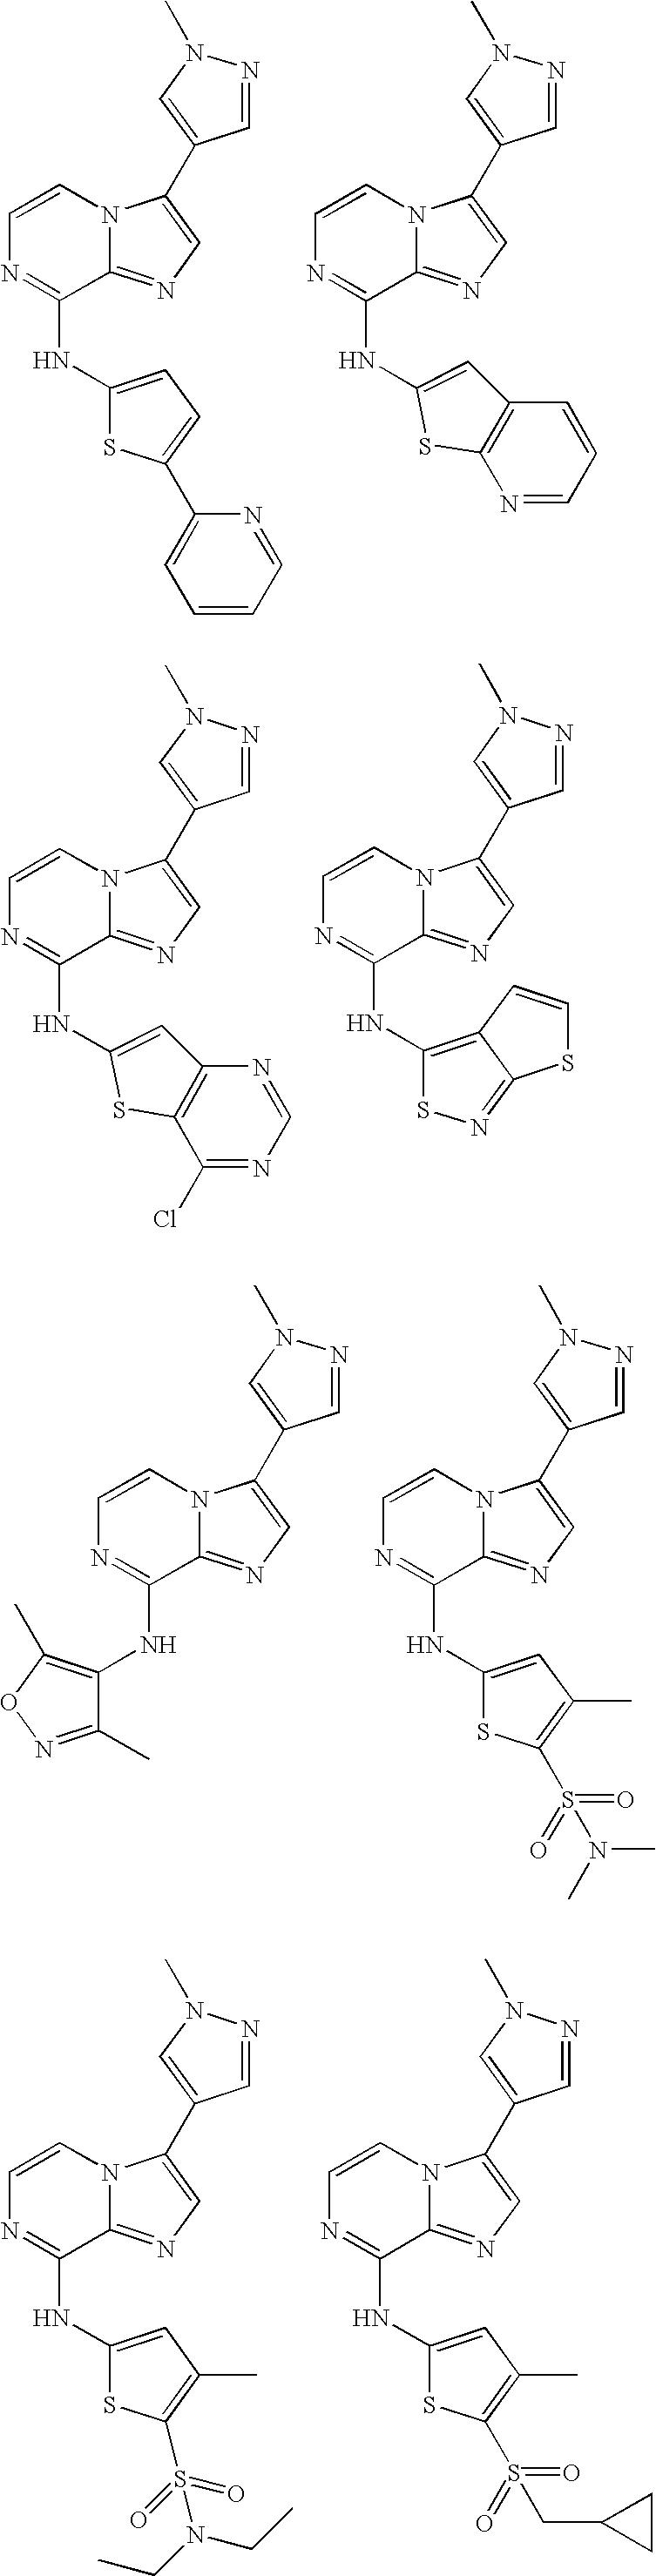 Figure US20070117804A1-20070524-C00062